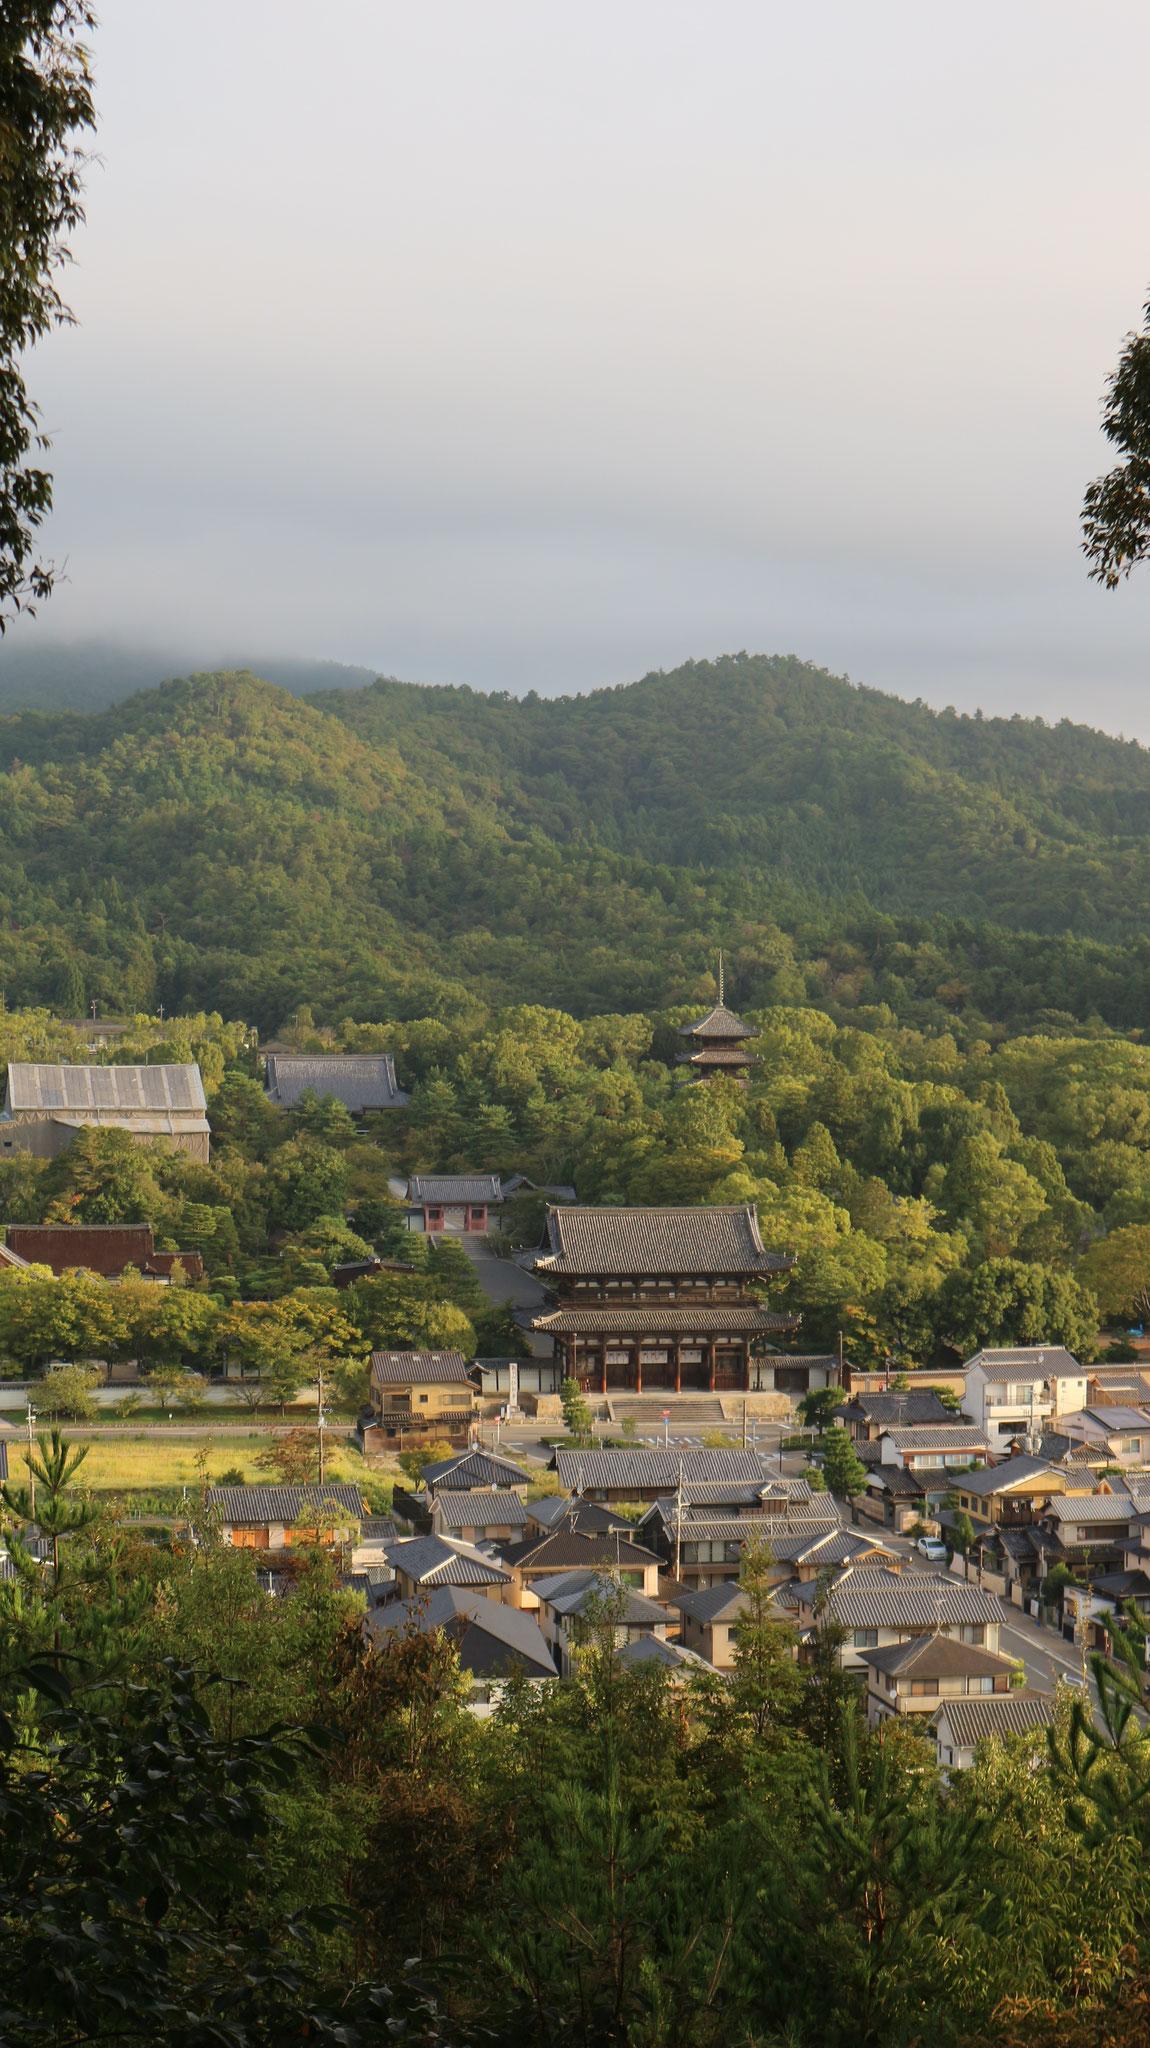 一ノ丘(標高116m)からの北、仁和寺